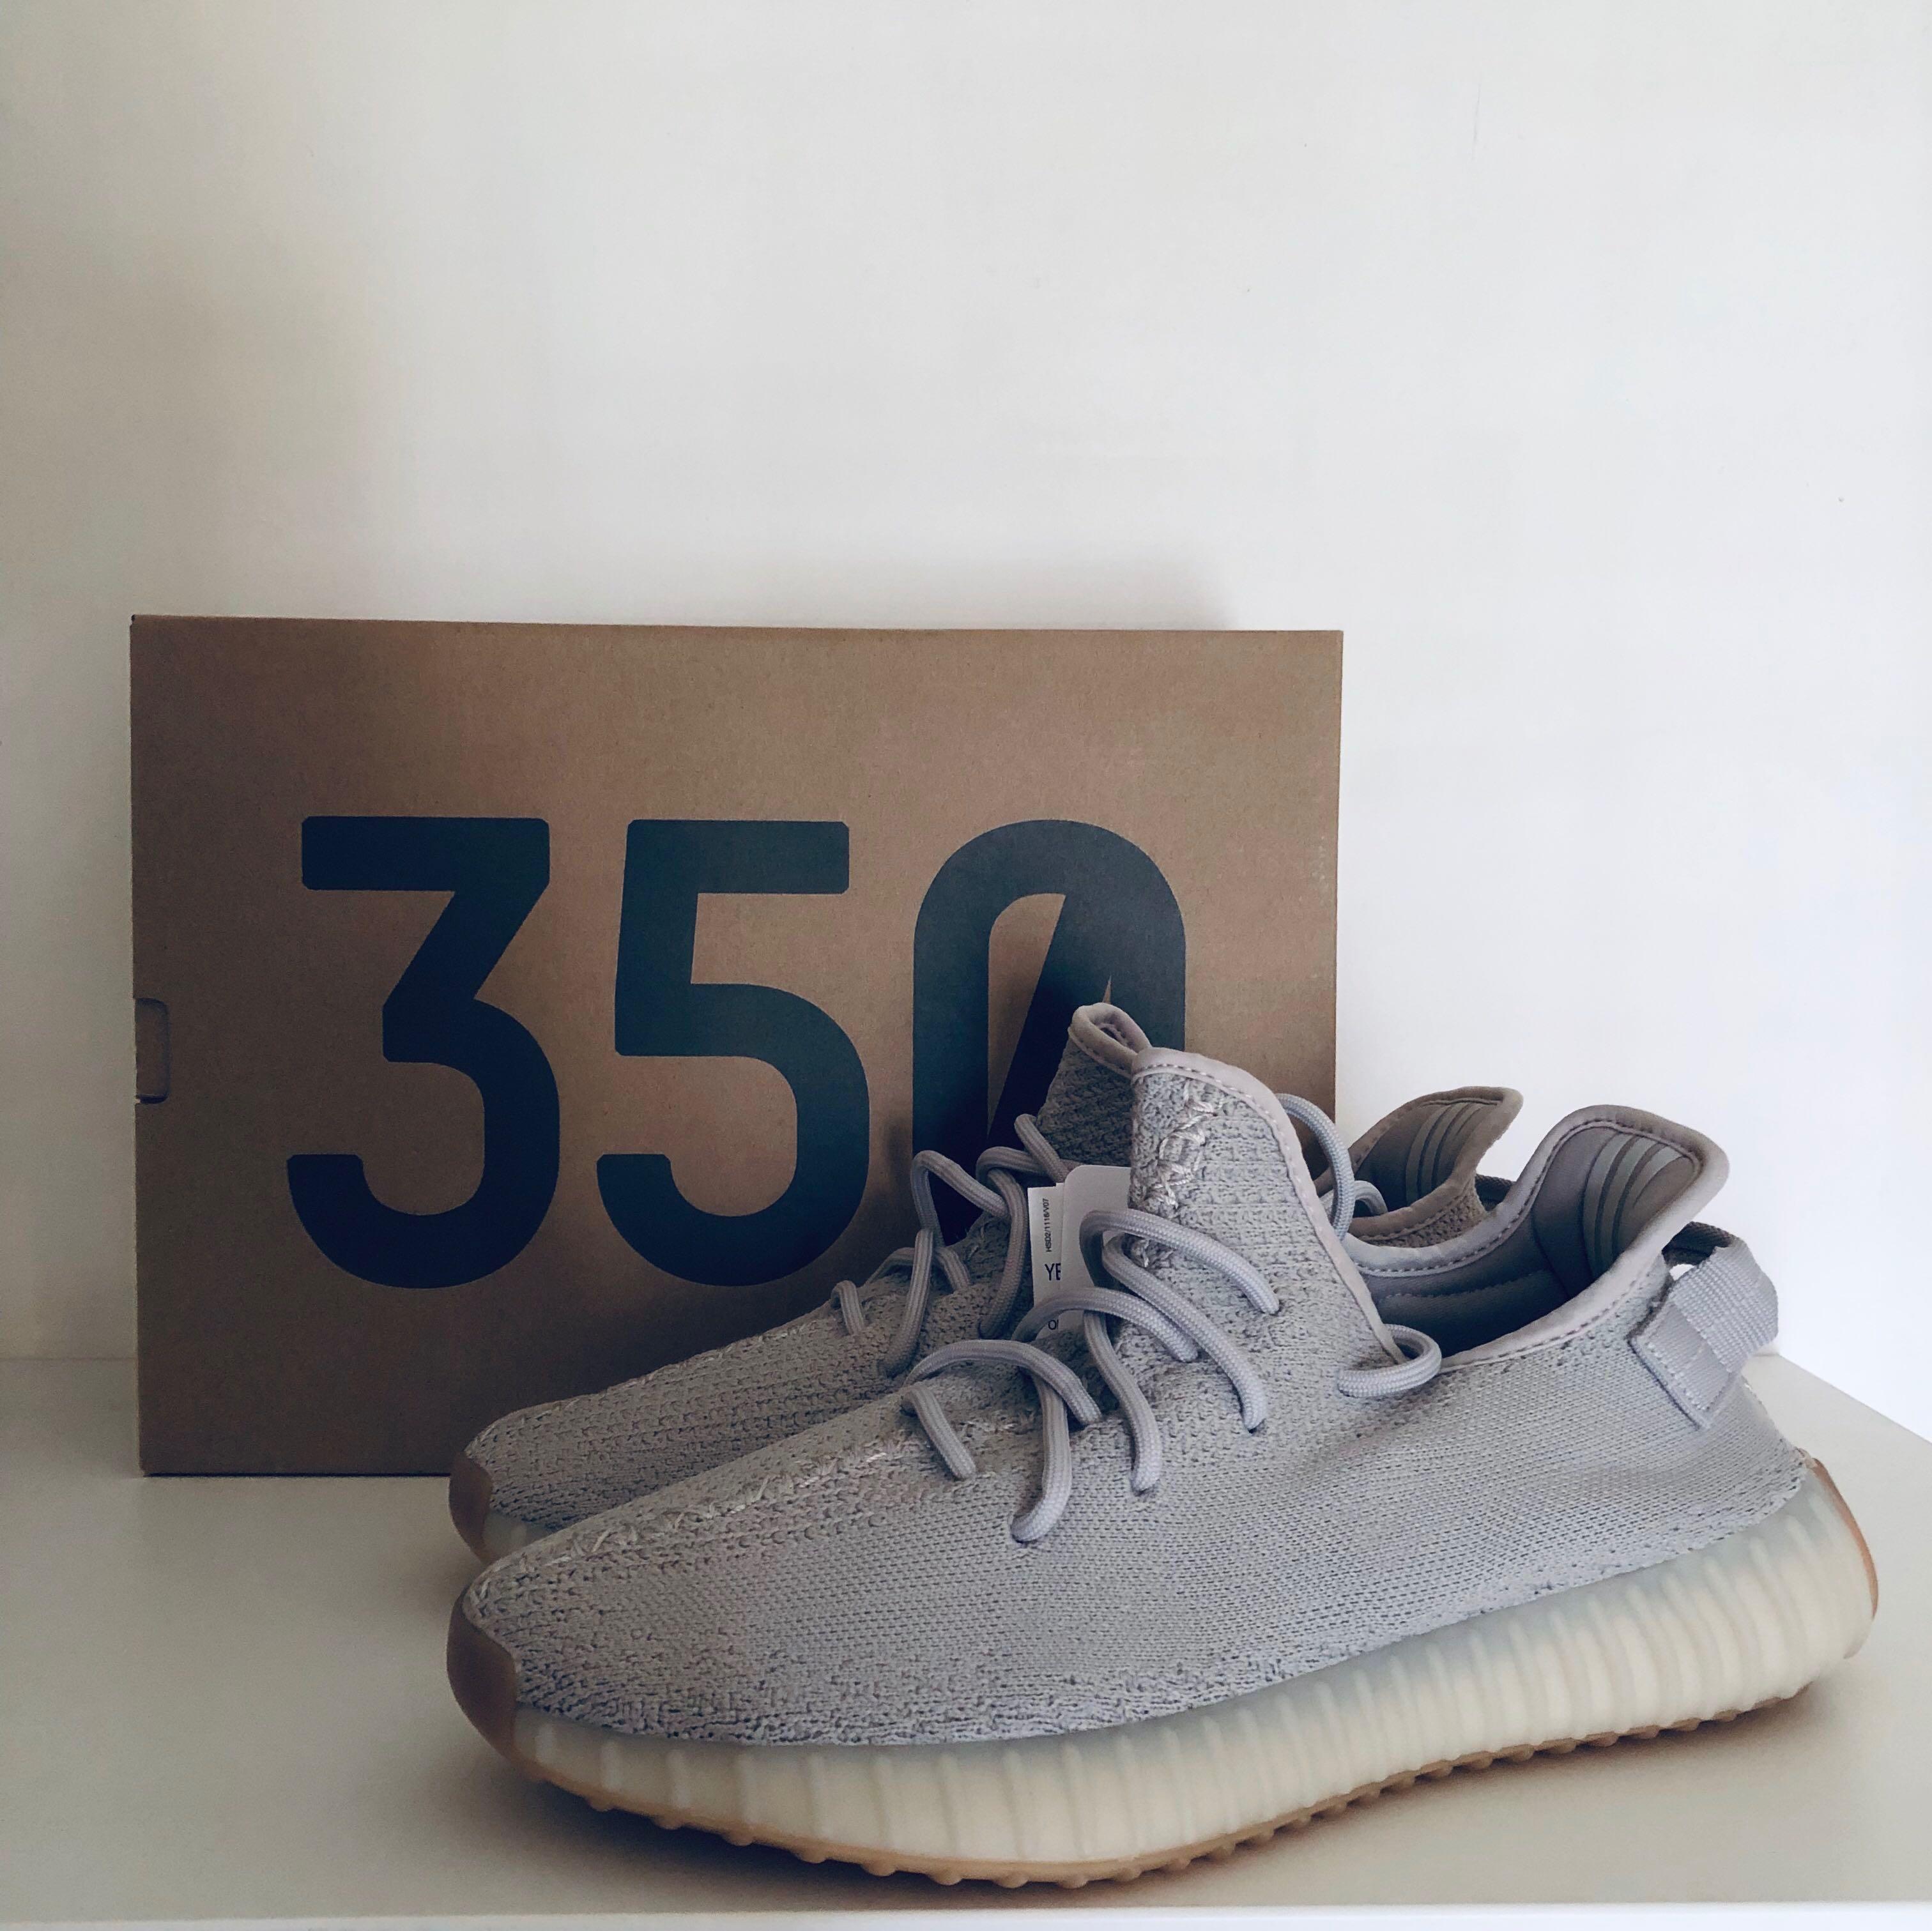 482814fc155e4 Adidas Yeezy Boost 350 v2 Sesame